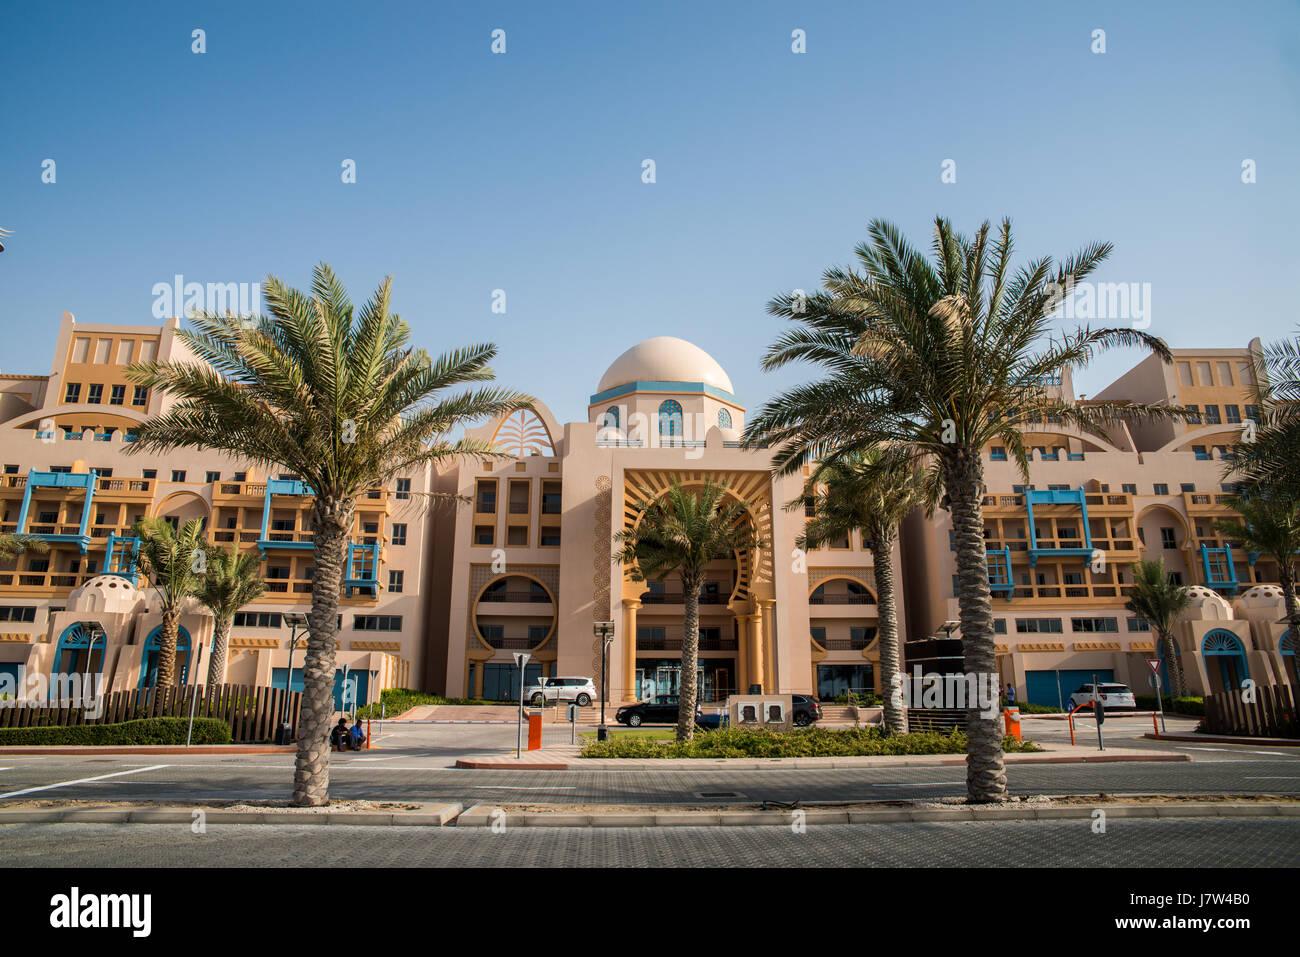 Luxury residence in Dubai, United Arab Emirates - Stock Image